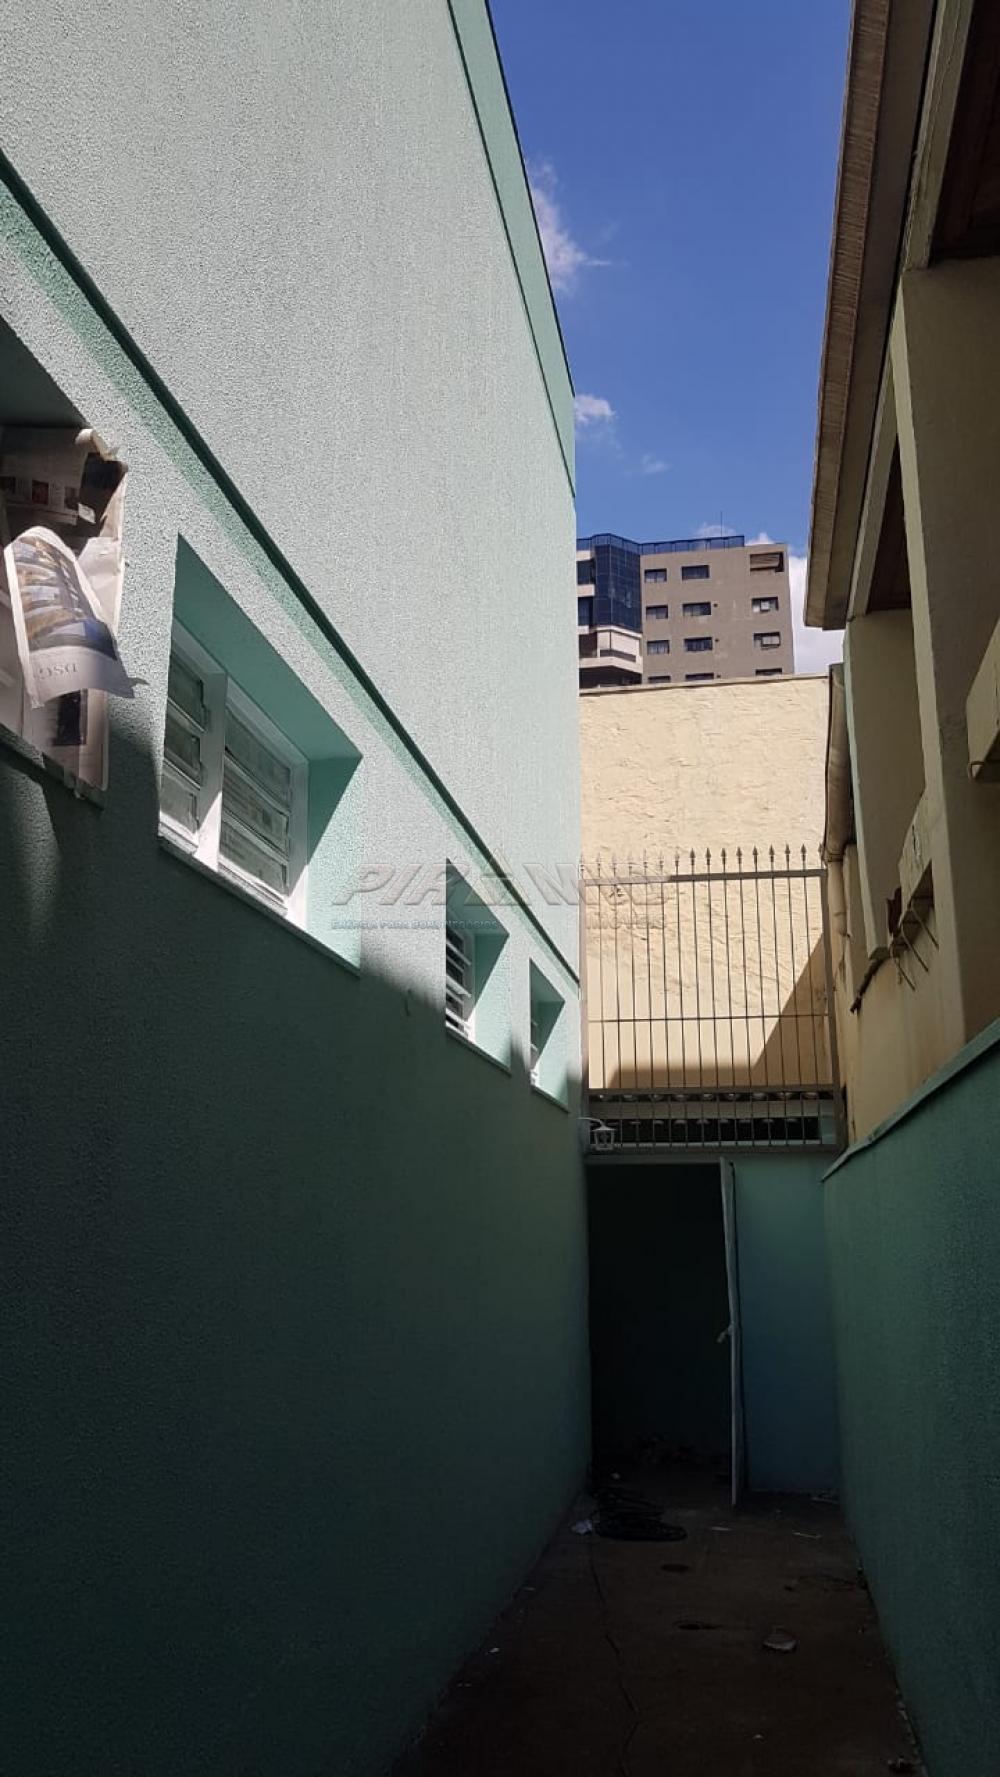 Alugar Comercial / Prédio em Ribeirão Preto apenas R$ 10.000,00 - Foto 11